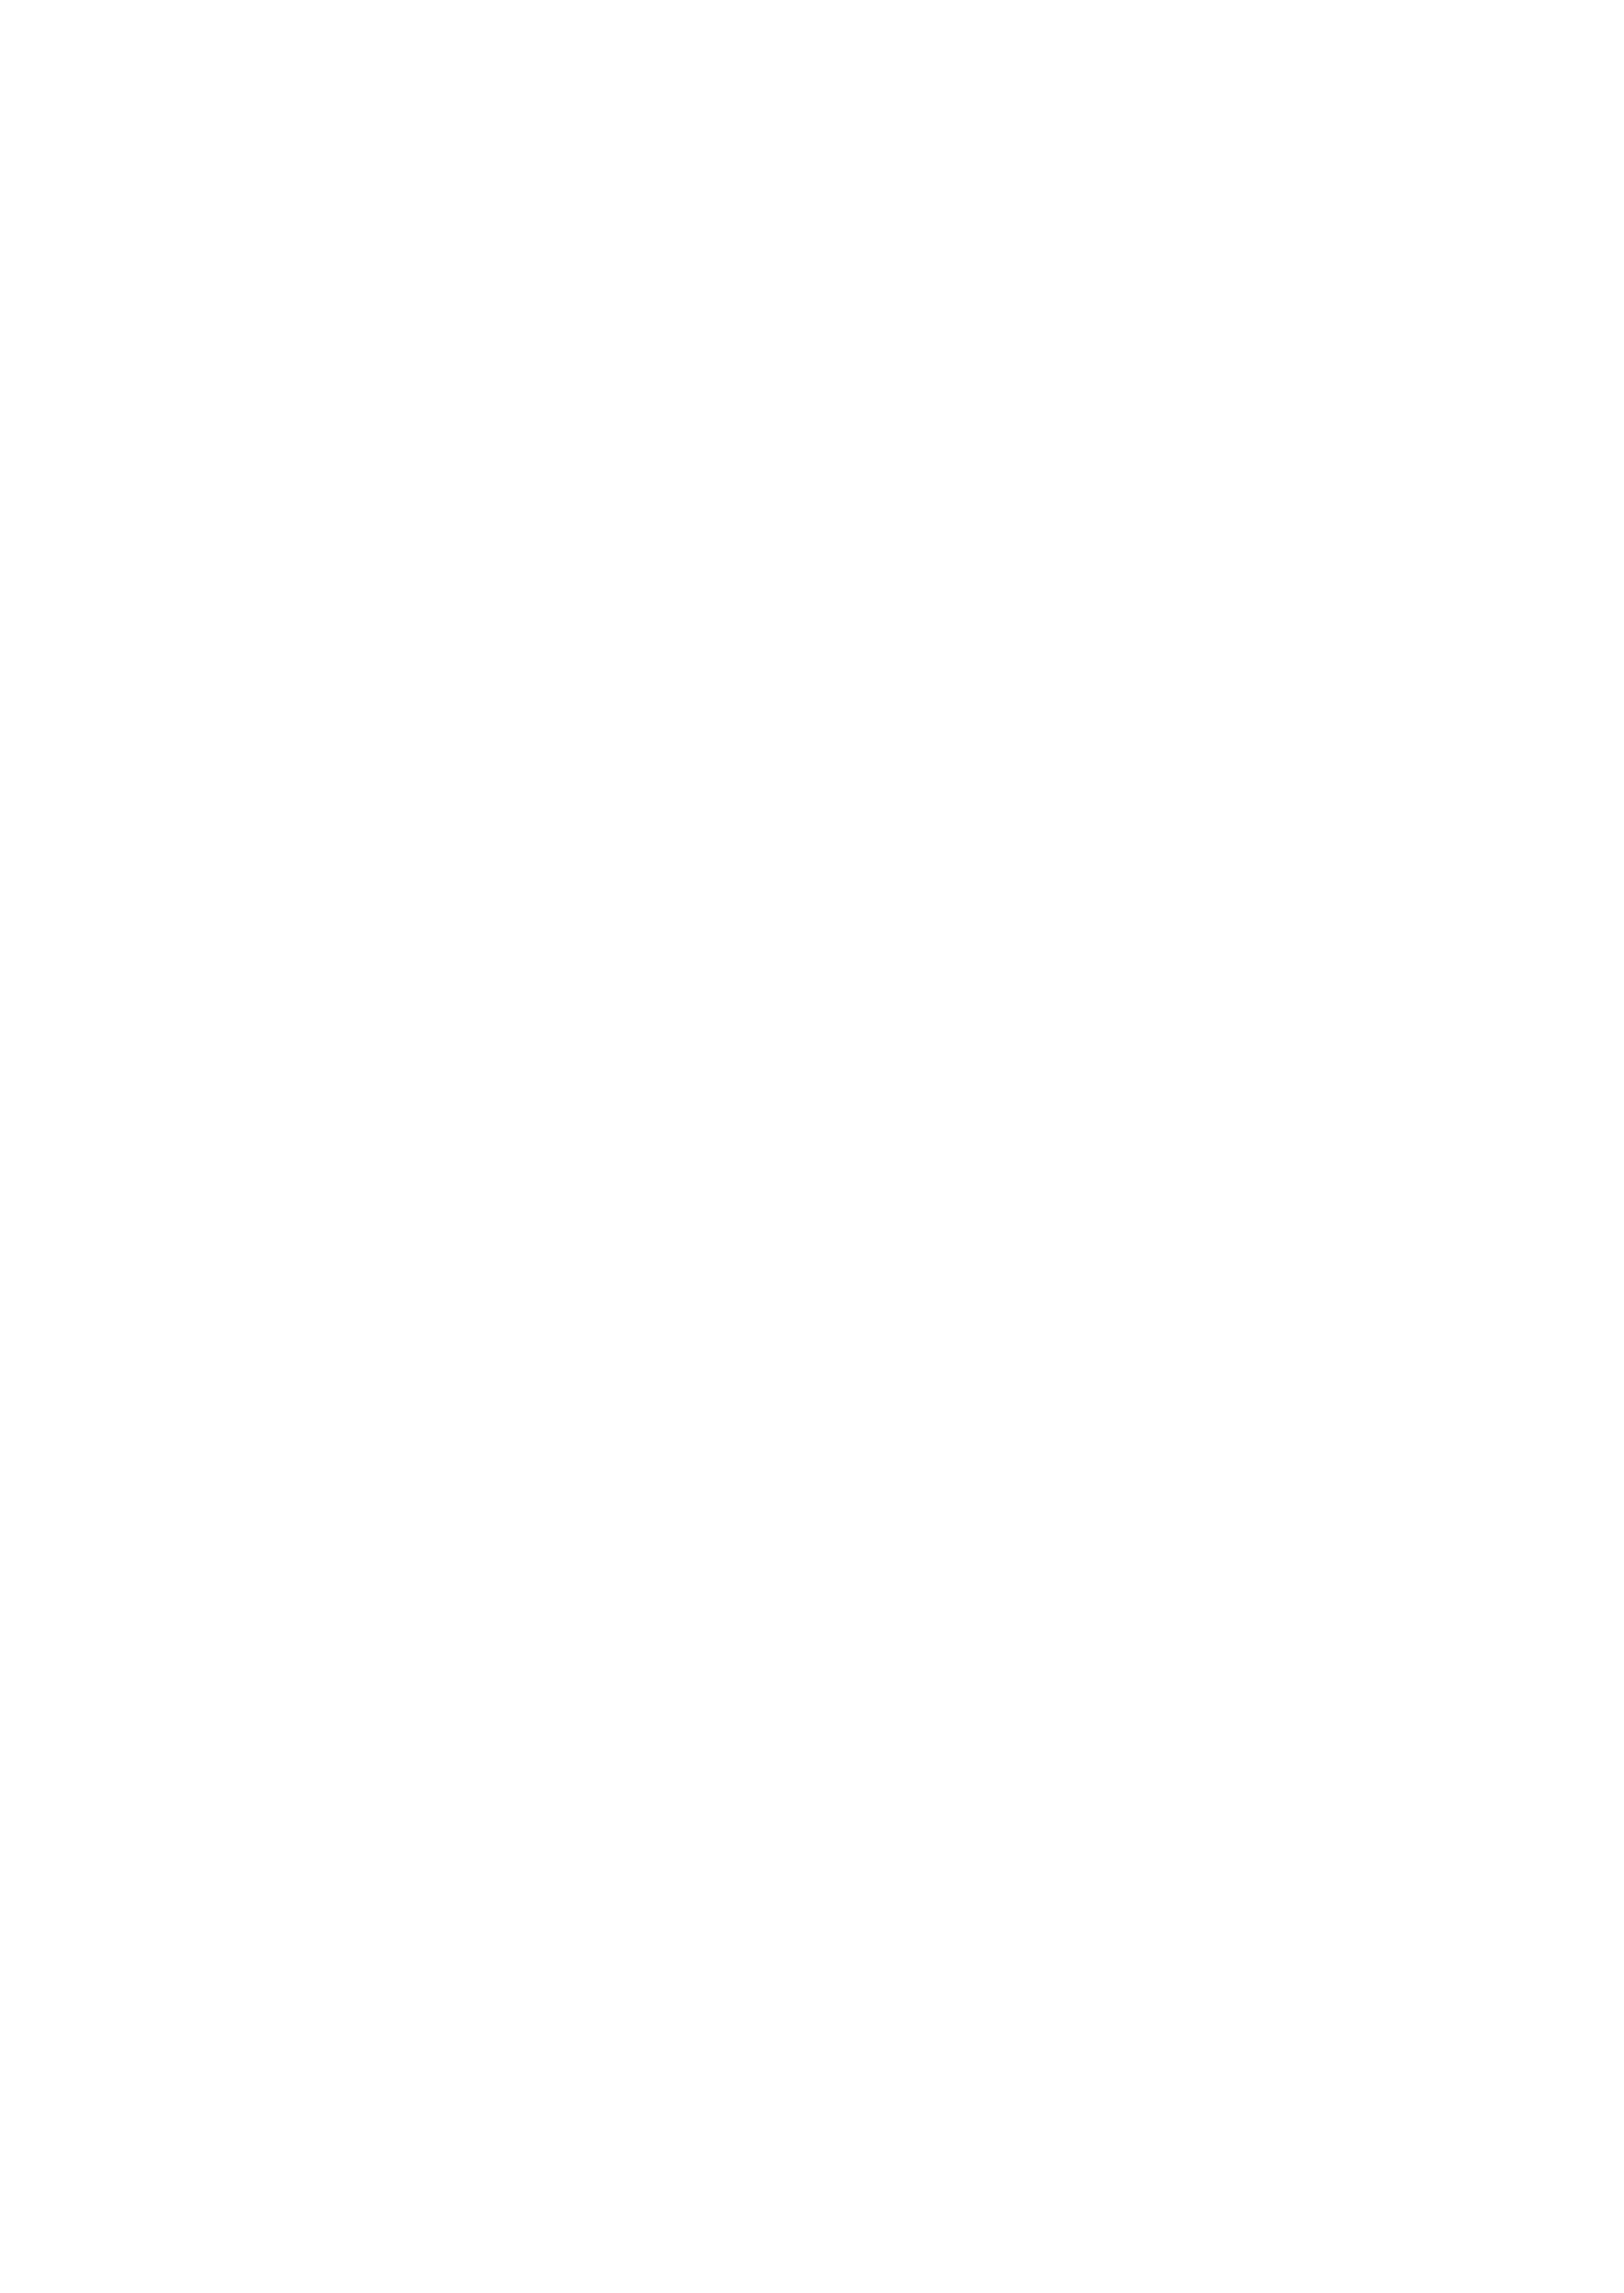 【エロ同人誌】先頭でお客さんの身体を洗う湯女としてデビューした貧乳少女が屈強なおじさんに気に入られて野外セックス!【無料 エロ漫画】